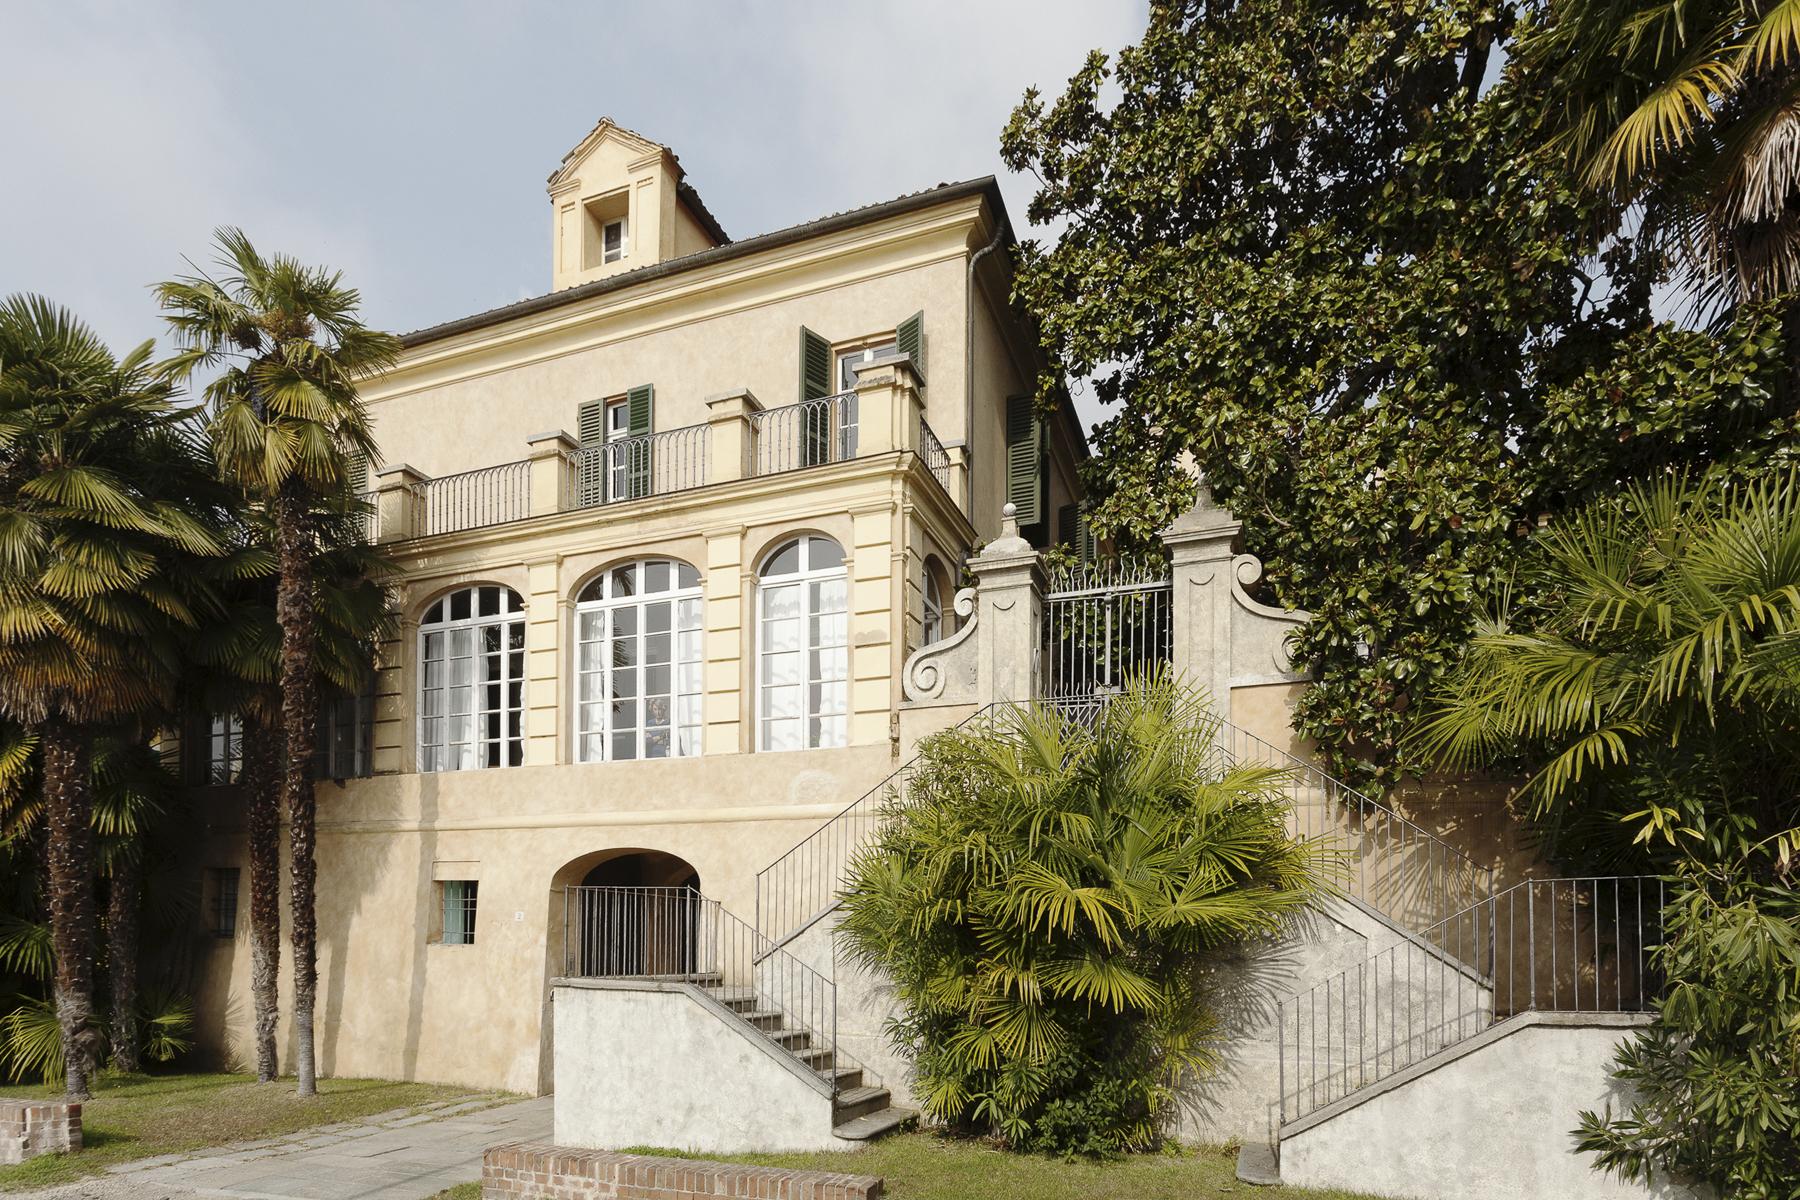 Villa per Vendita alle ore Villa Storica del XVII secolo sulle colline di Revigliasco Strada Moncalieri Revigliasco, Torino 10024 Italia